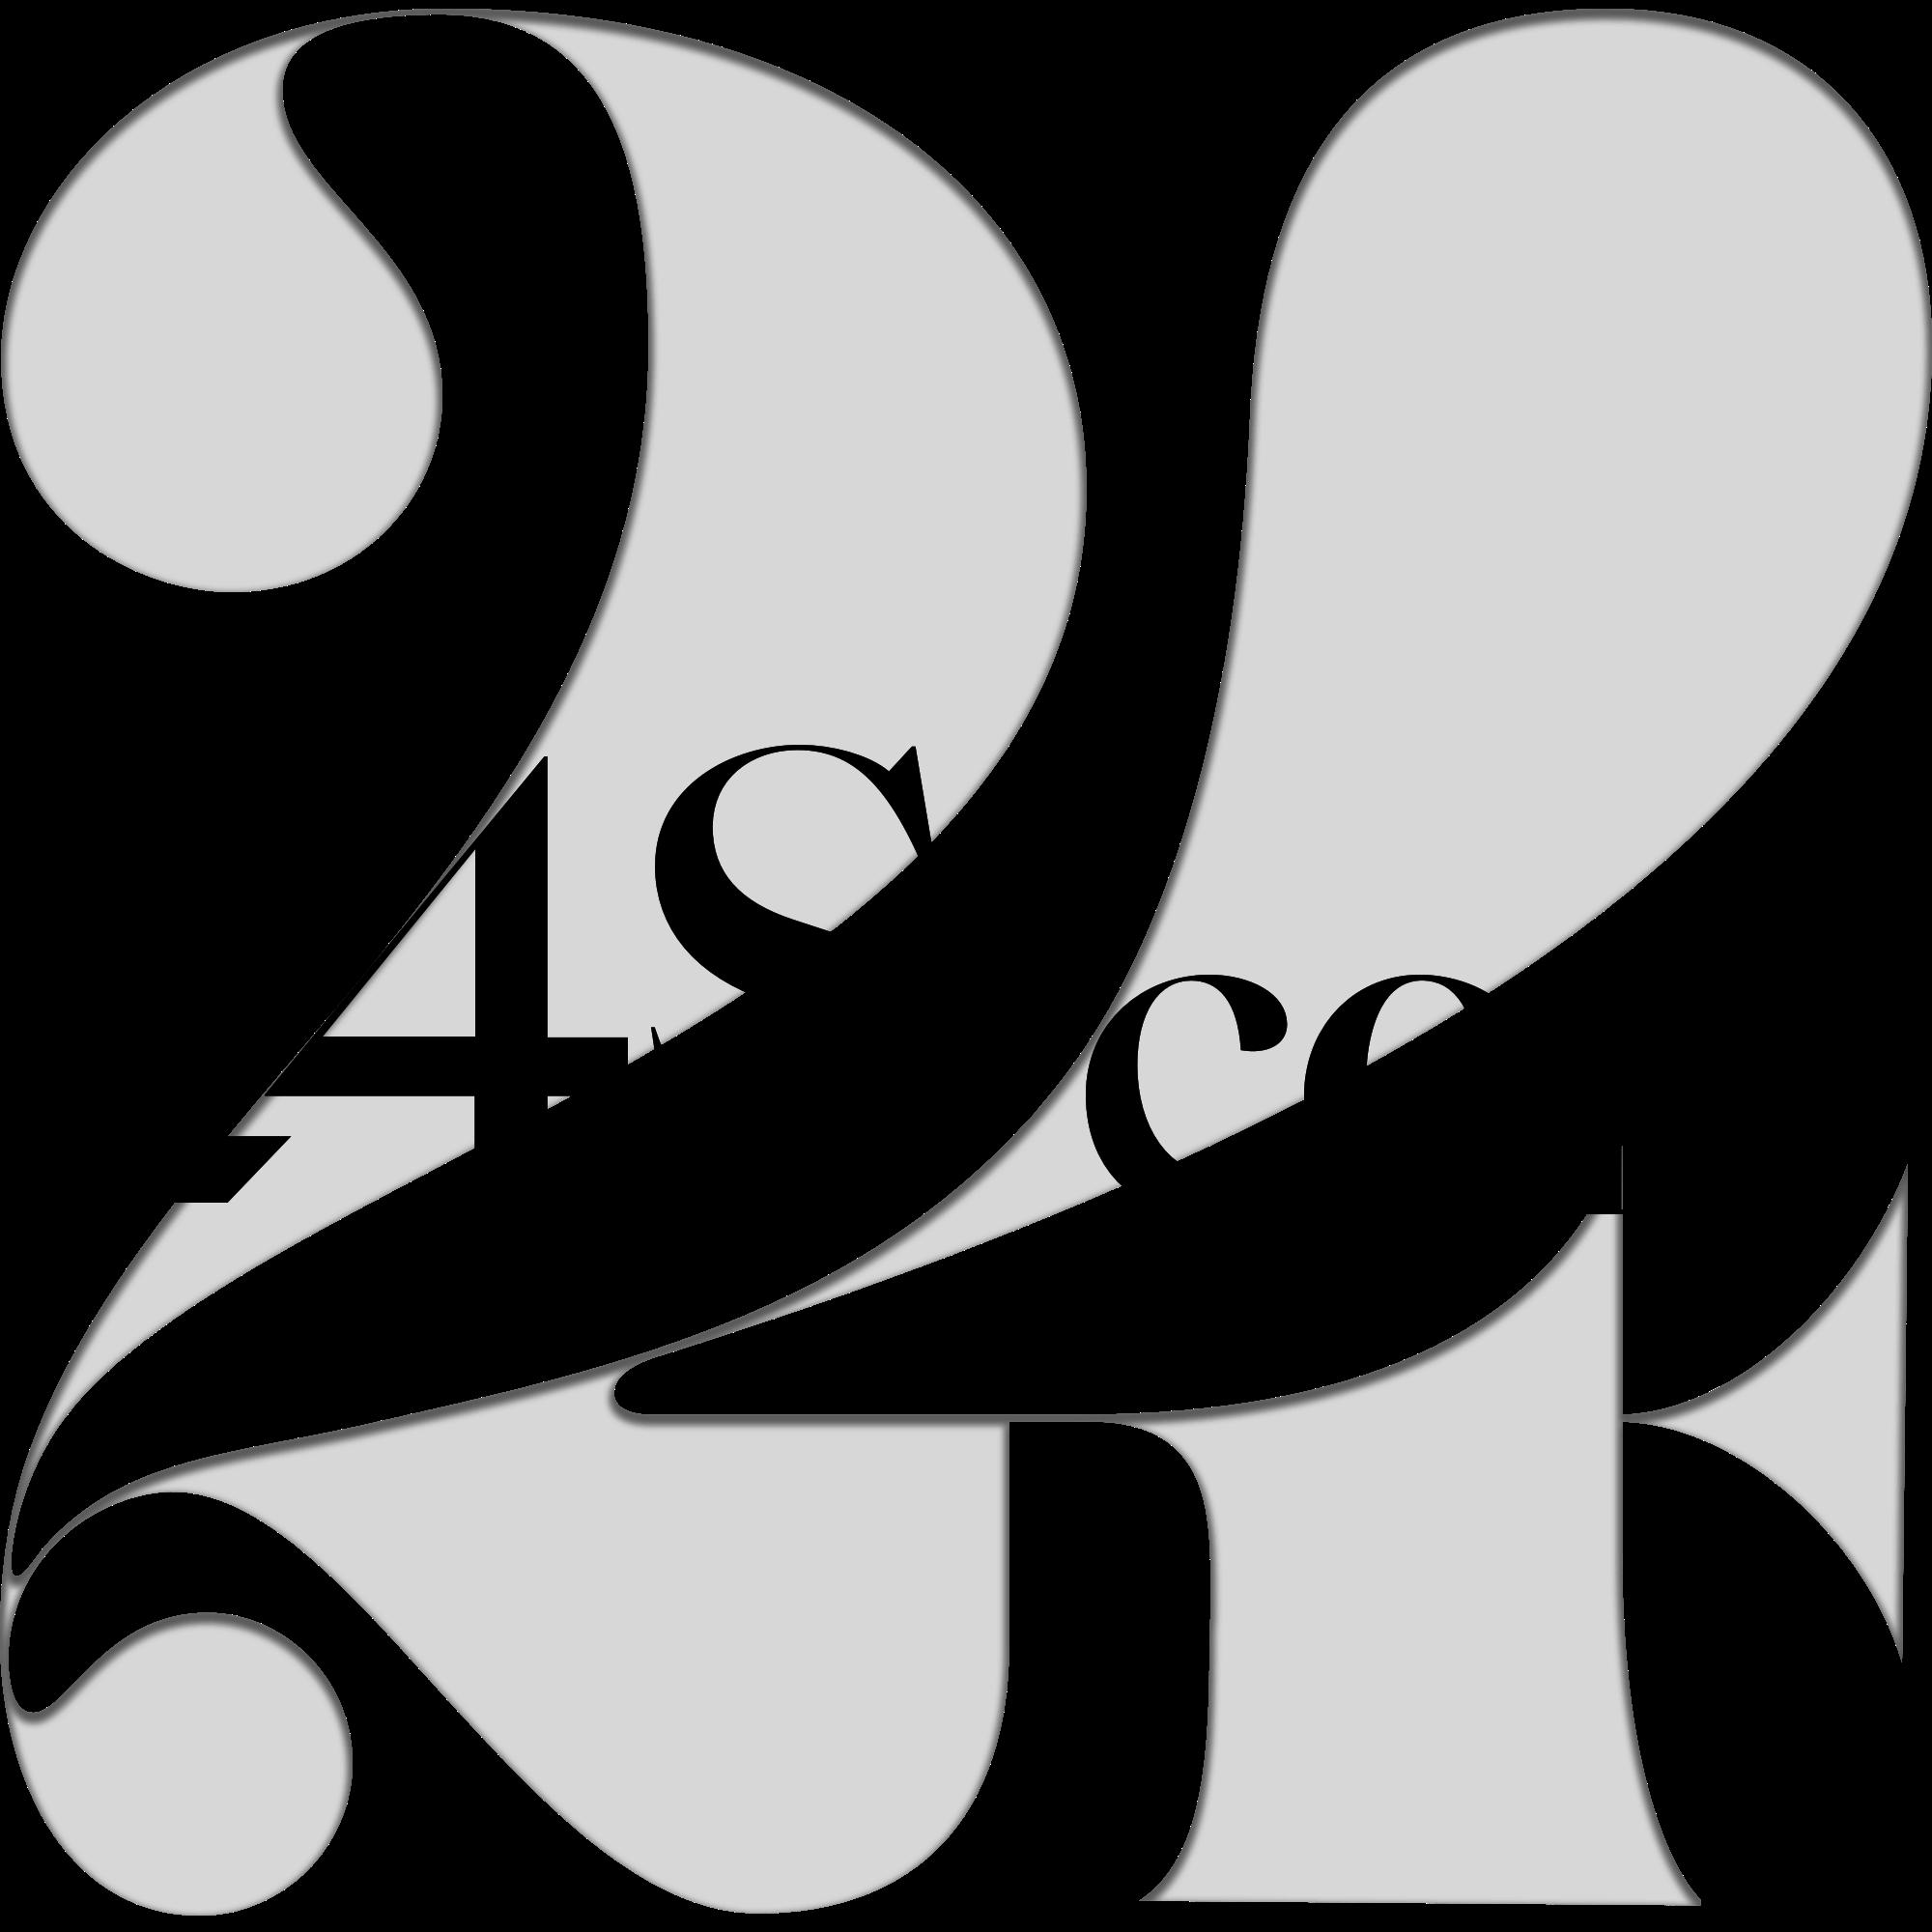 24S全场正价商品满享85折优惠